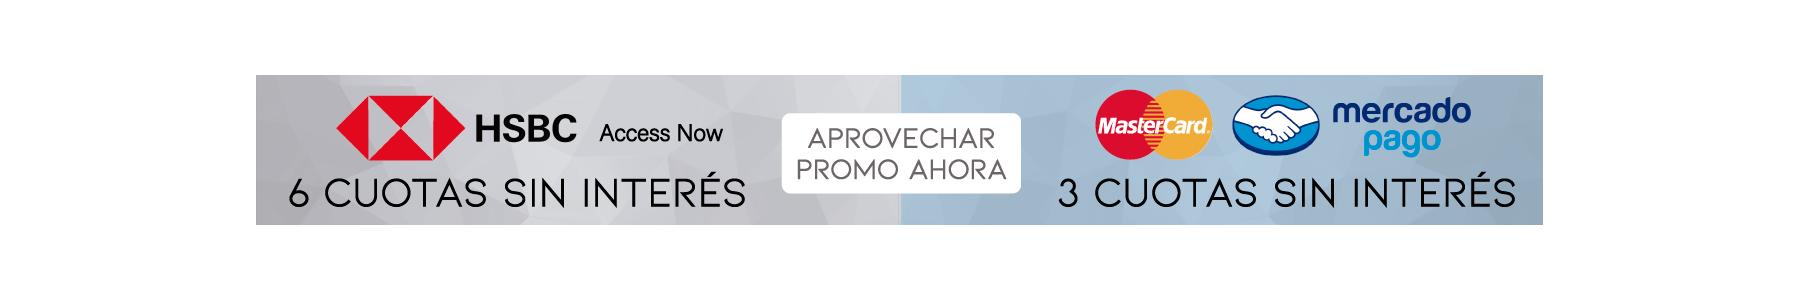 Transportadoras y Bolsos para Perros -Comprá Online 5% Off y Delivery